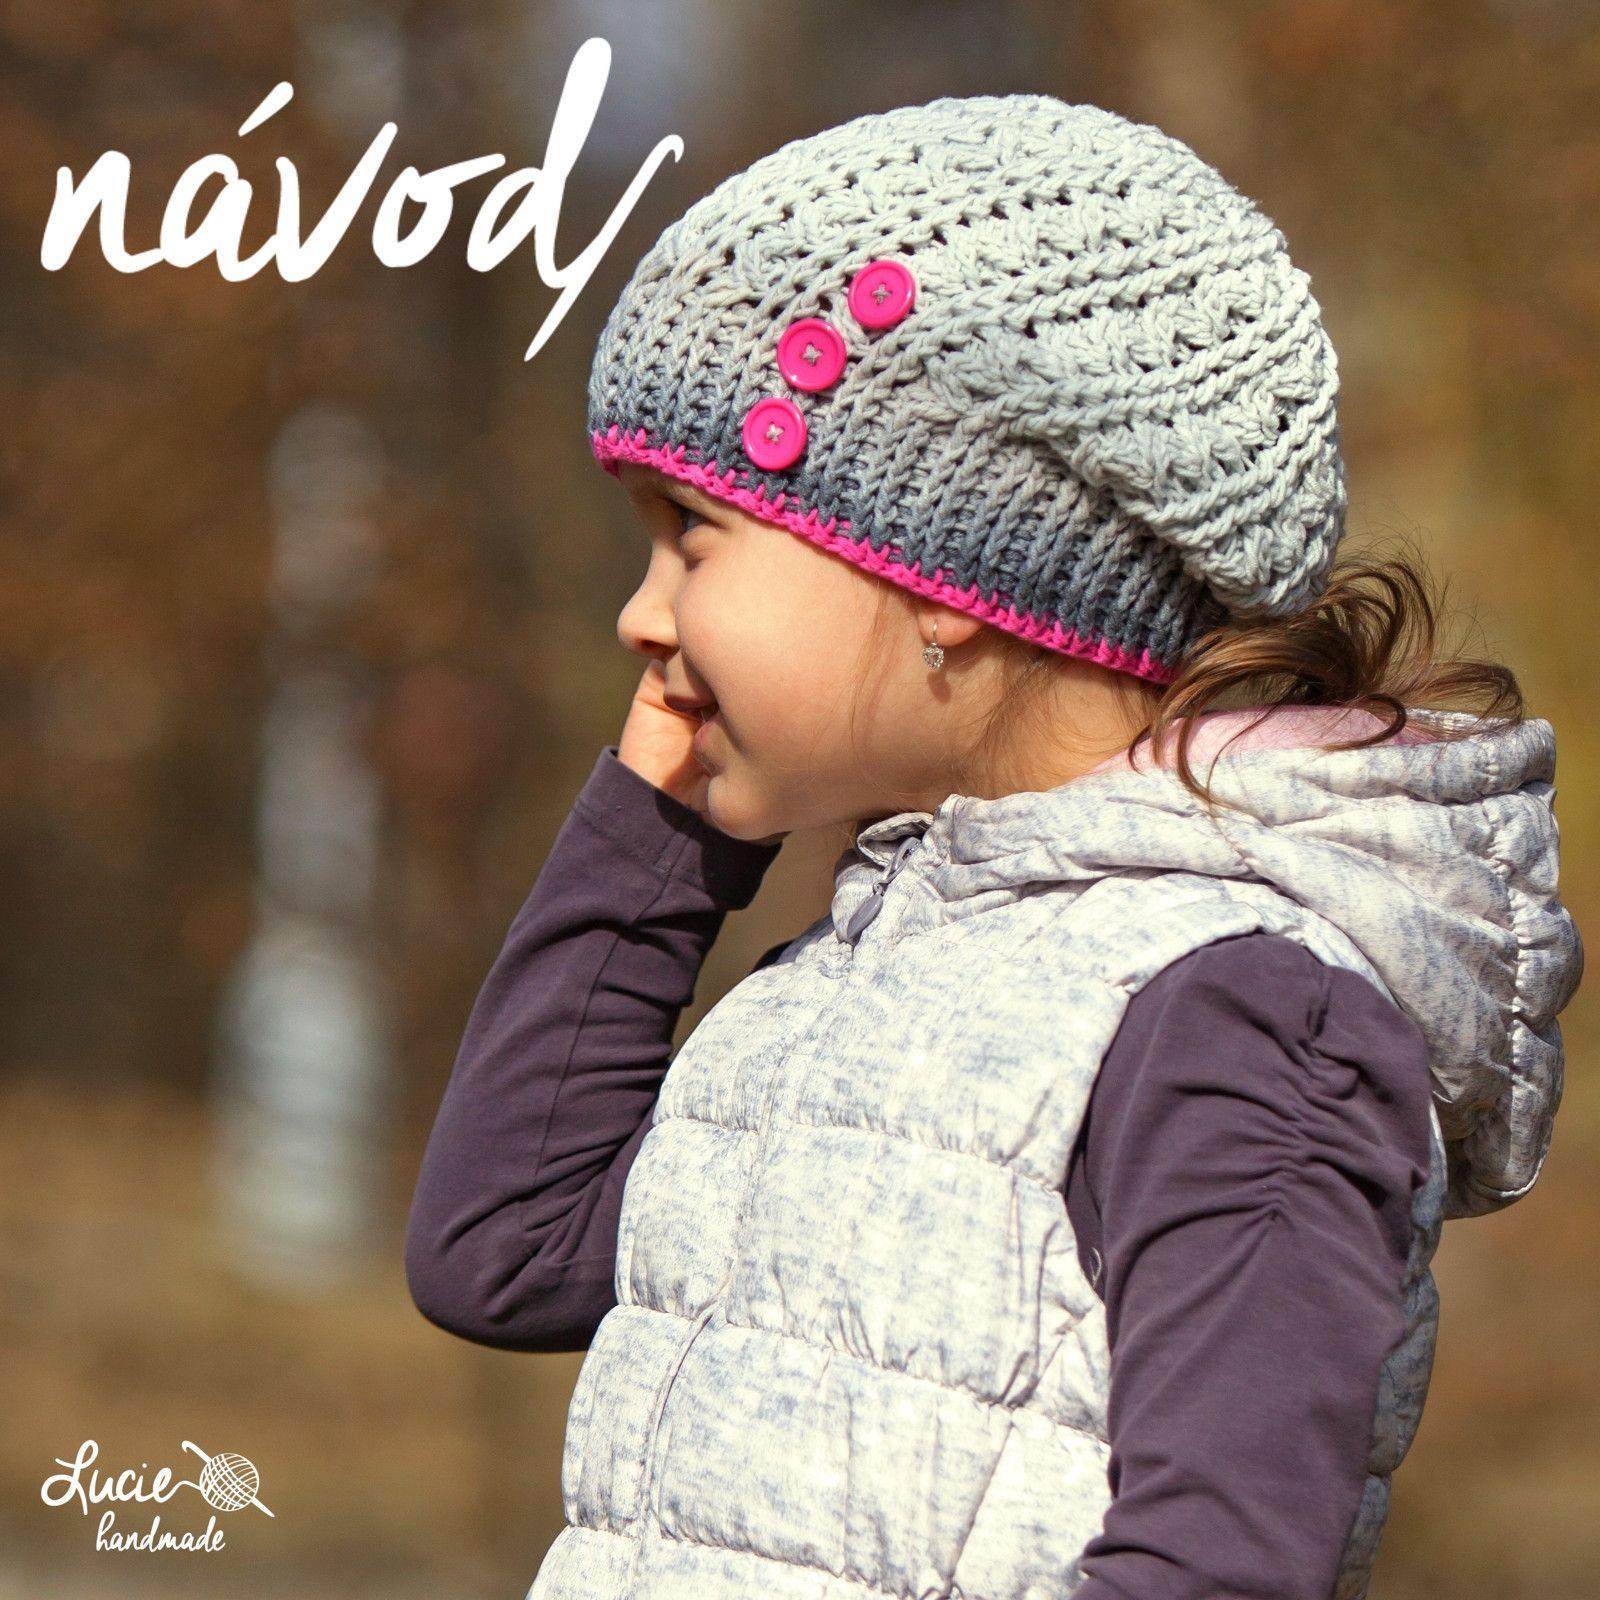 NÁVOD+č.104  ...UNI+zimní+homeles+NÁVOD+doporučuji+pro+POKROČILÉ+ ... ff234a3a79